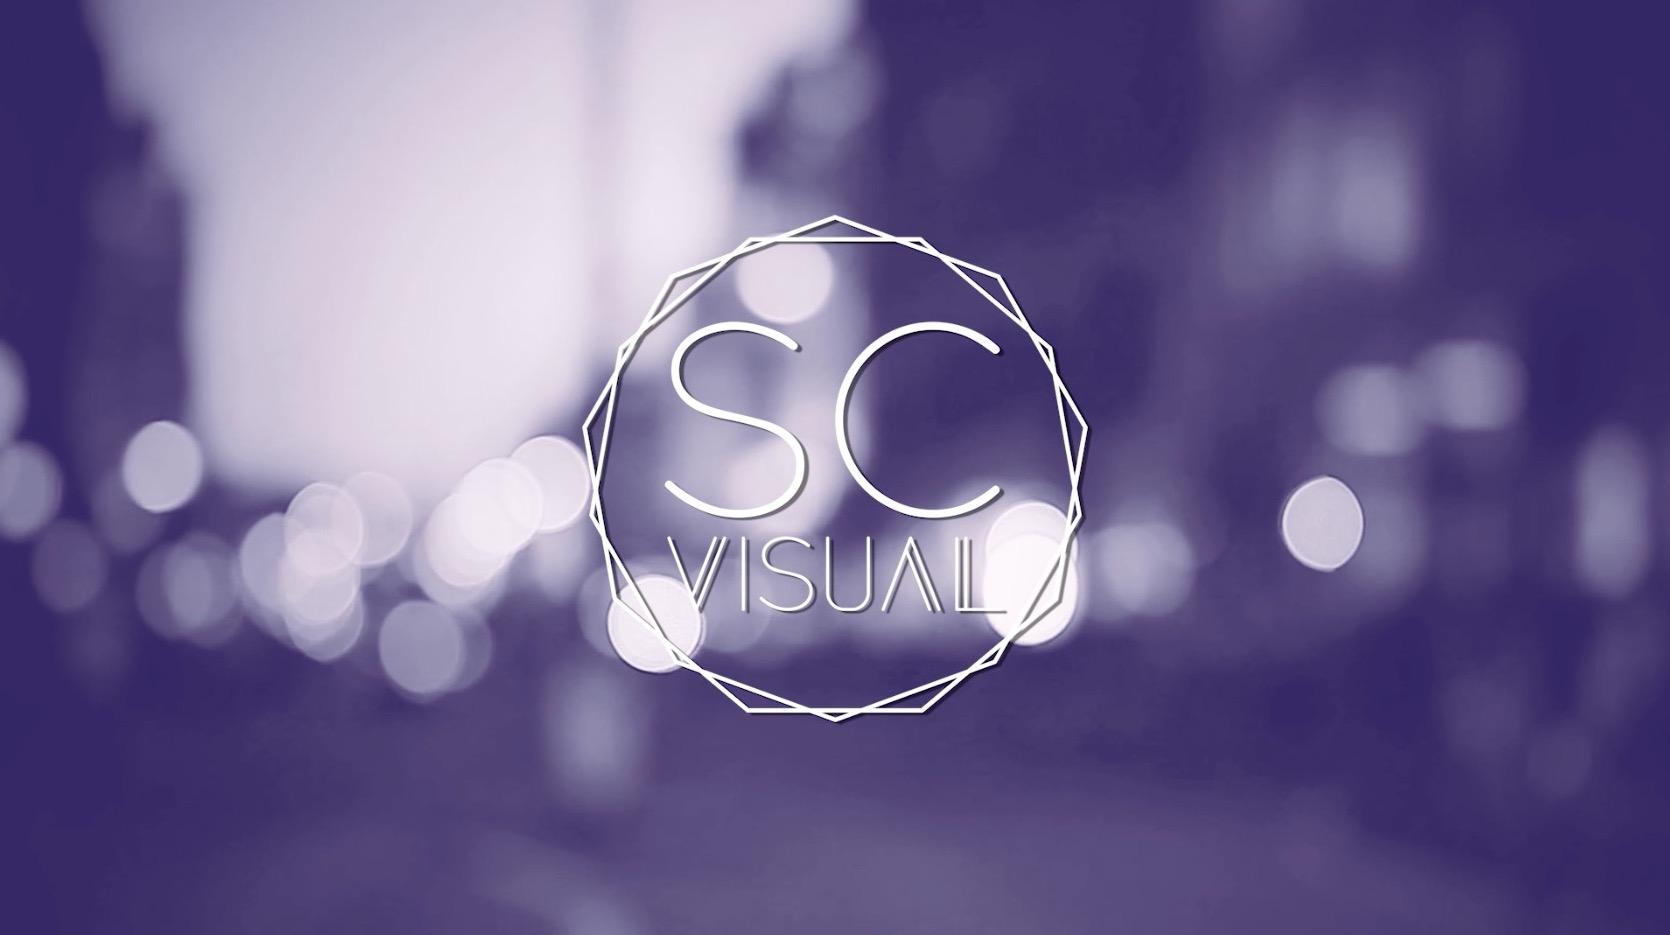 Découvrez le nouveau Showreel de SC Visual